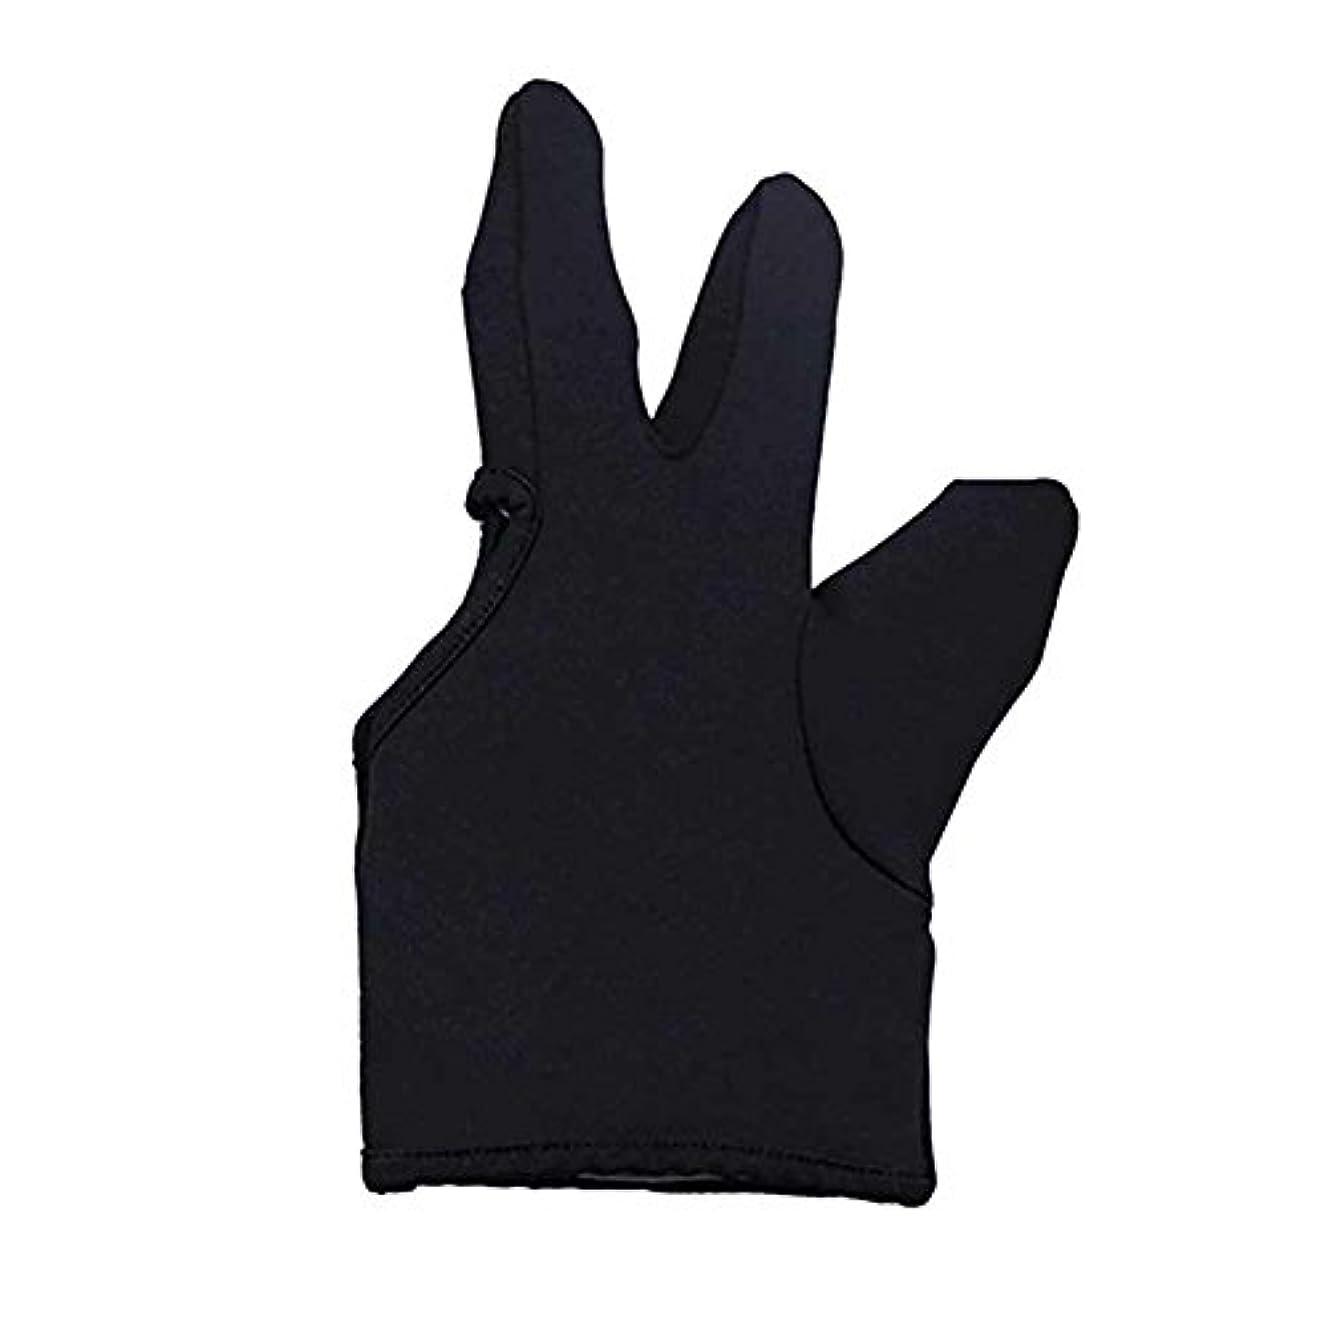 ふくろうクランプ招待Liebeye 3本の指耐熱フィンガー保護手袋 ヘアスタイリングツール